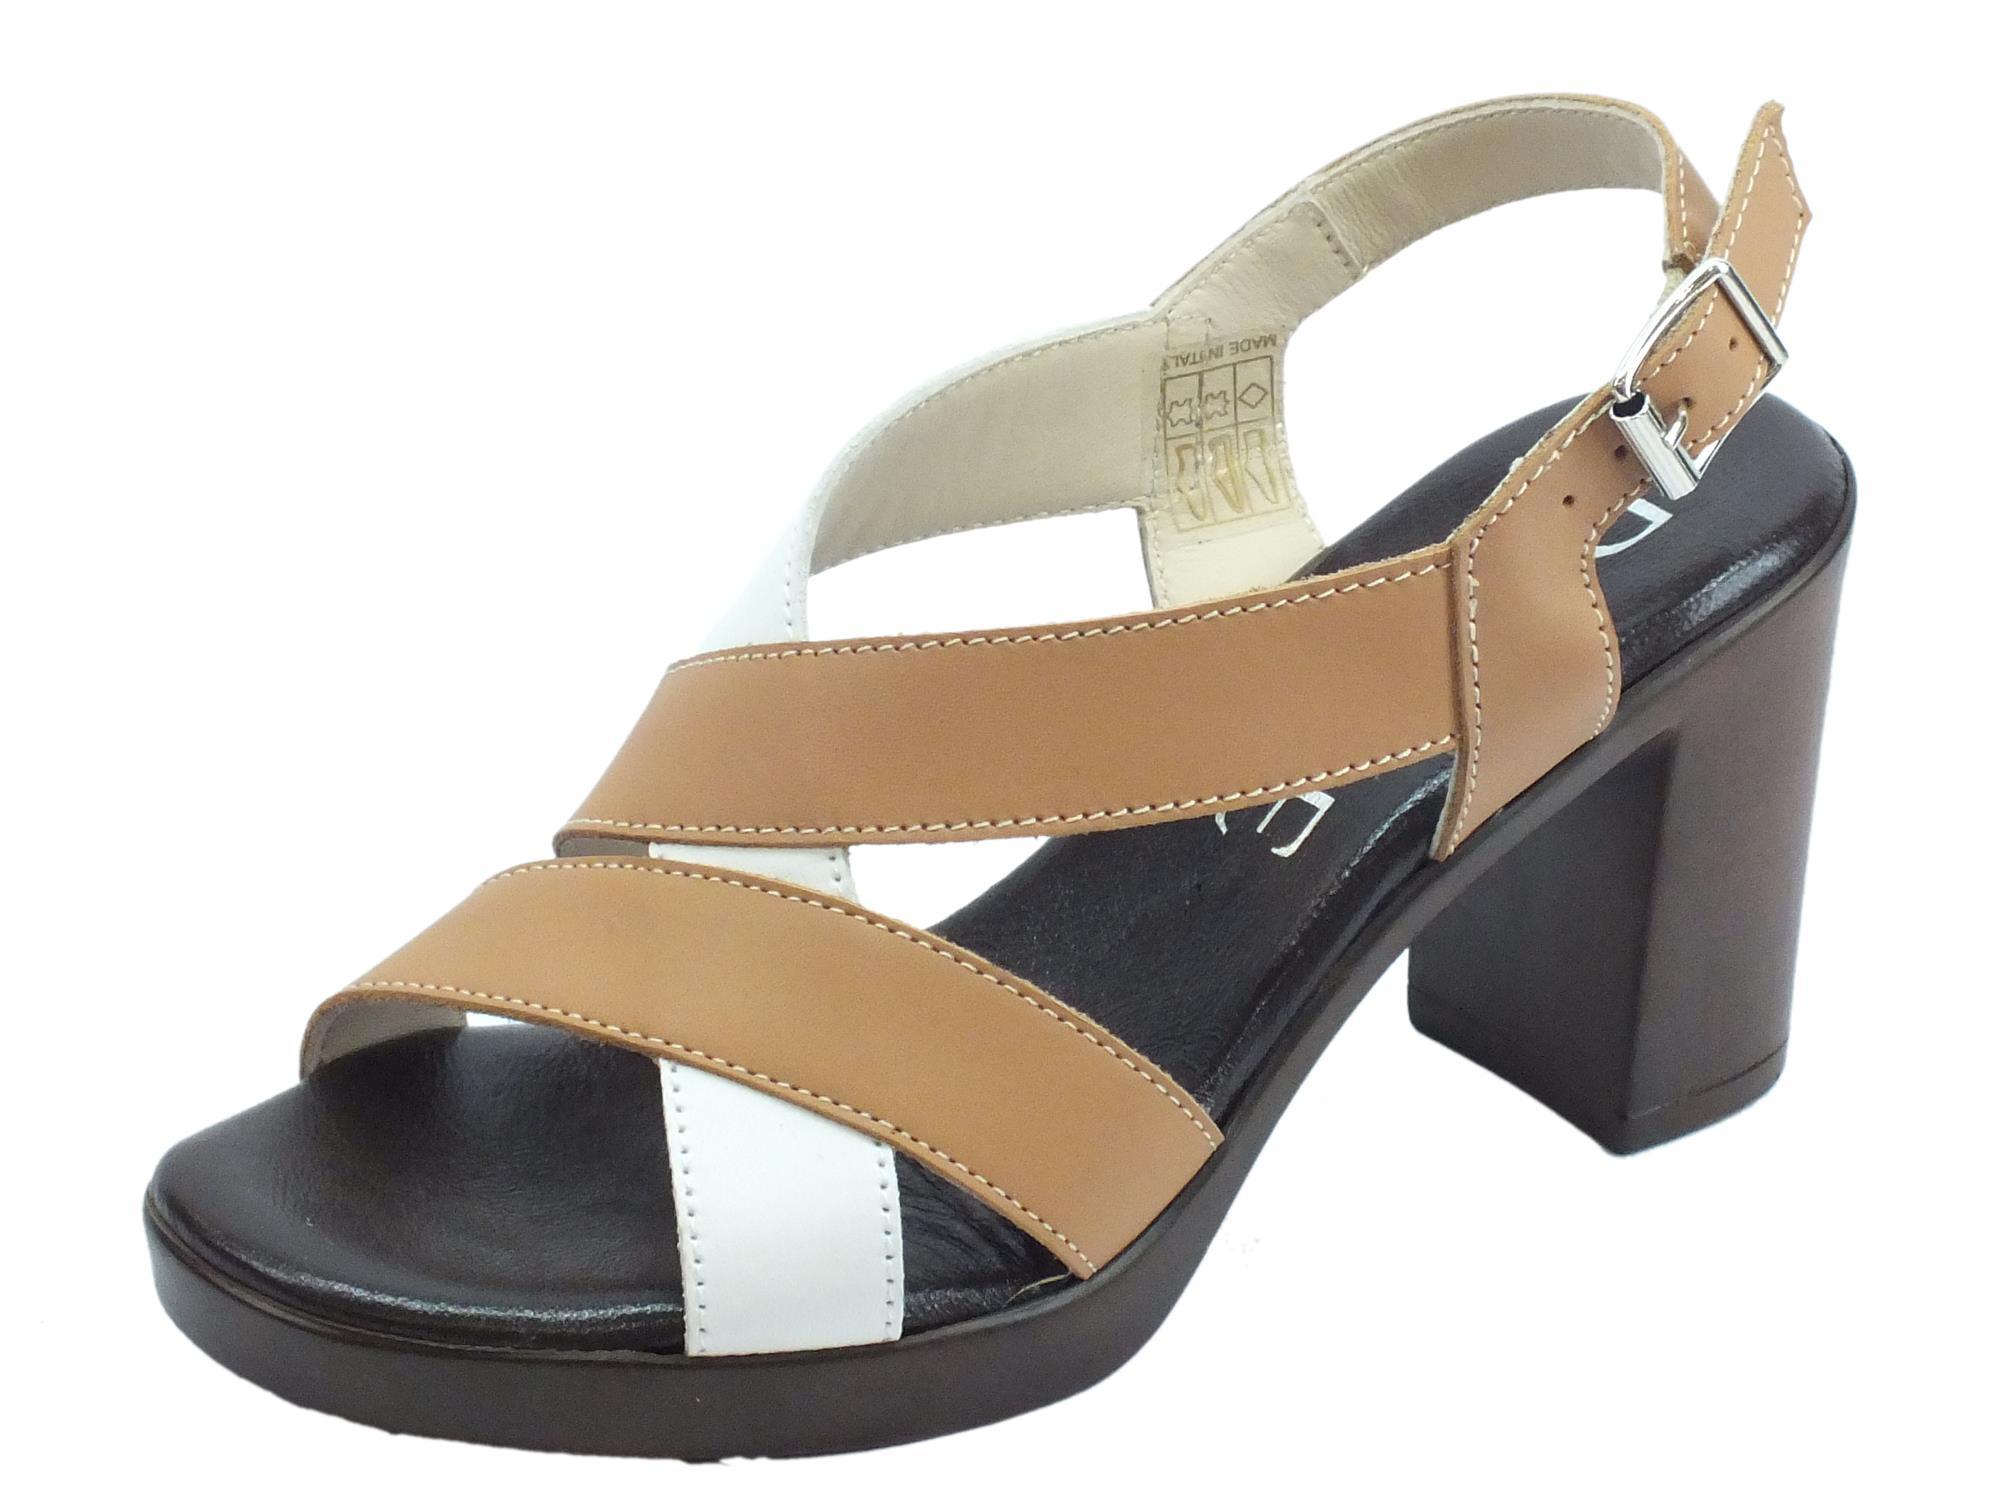 info for 92bed e3c16 Susimoda D.EFFE sandali per donna in vera pelle bianca e sasso tacco alto  effetto legno